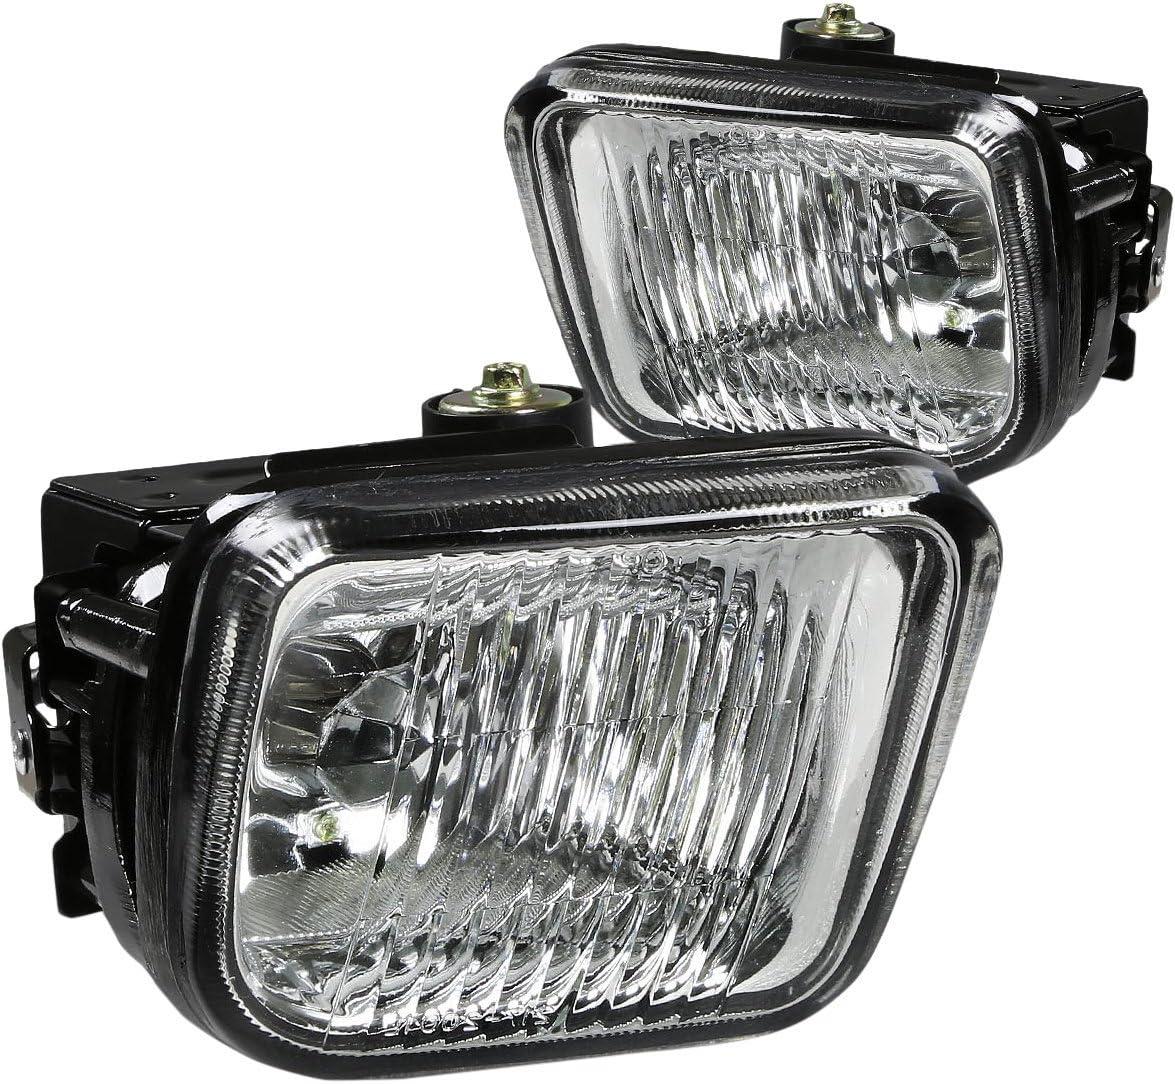 Over item handling ☆ DNA Motoring FL-HC96-CH Fog Light Honda Civic El Paso Mall 96-98 Chrome For